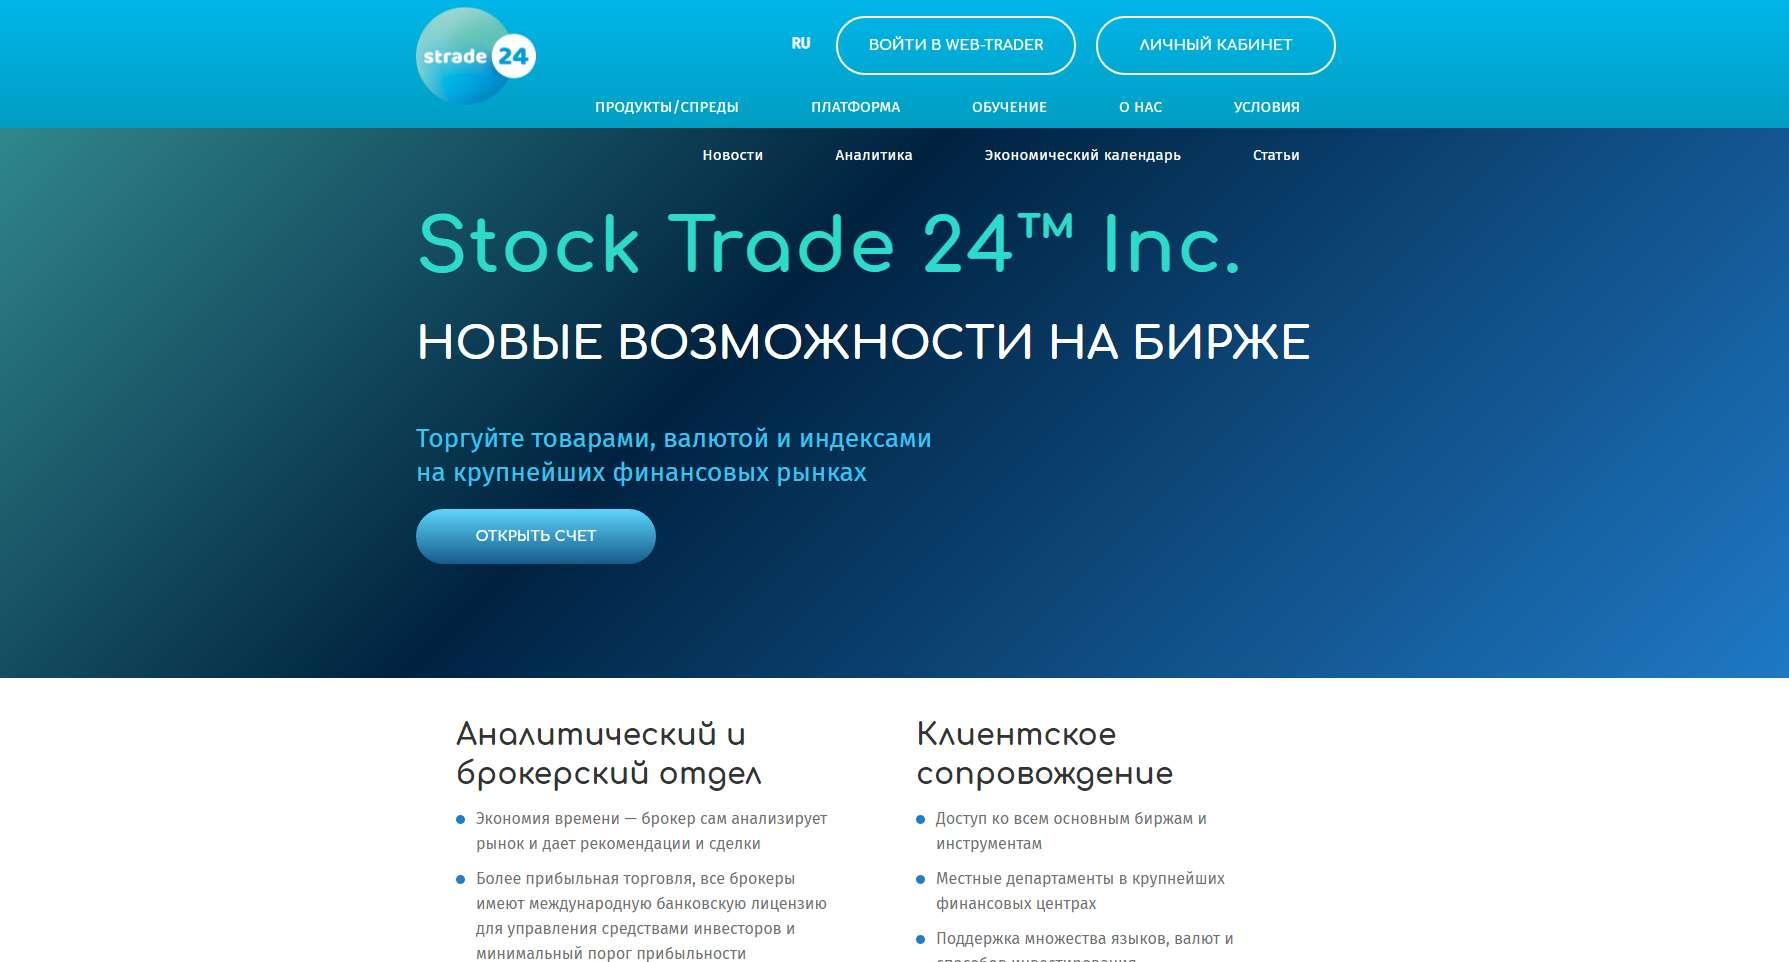 Stock Trade 24 - рассмотрим развод ли это? Конечно лохотрон - наше мнение о лжеброкере.